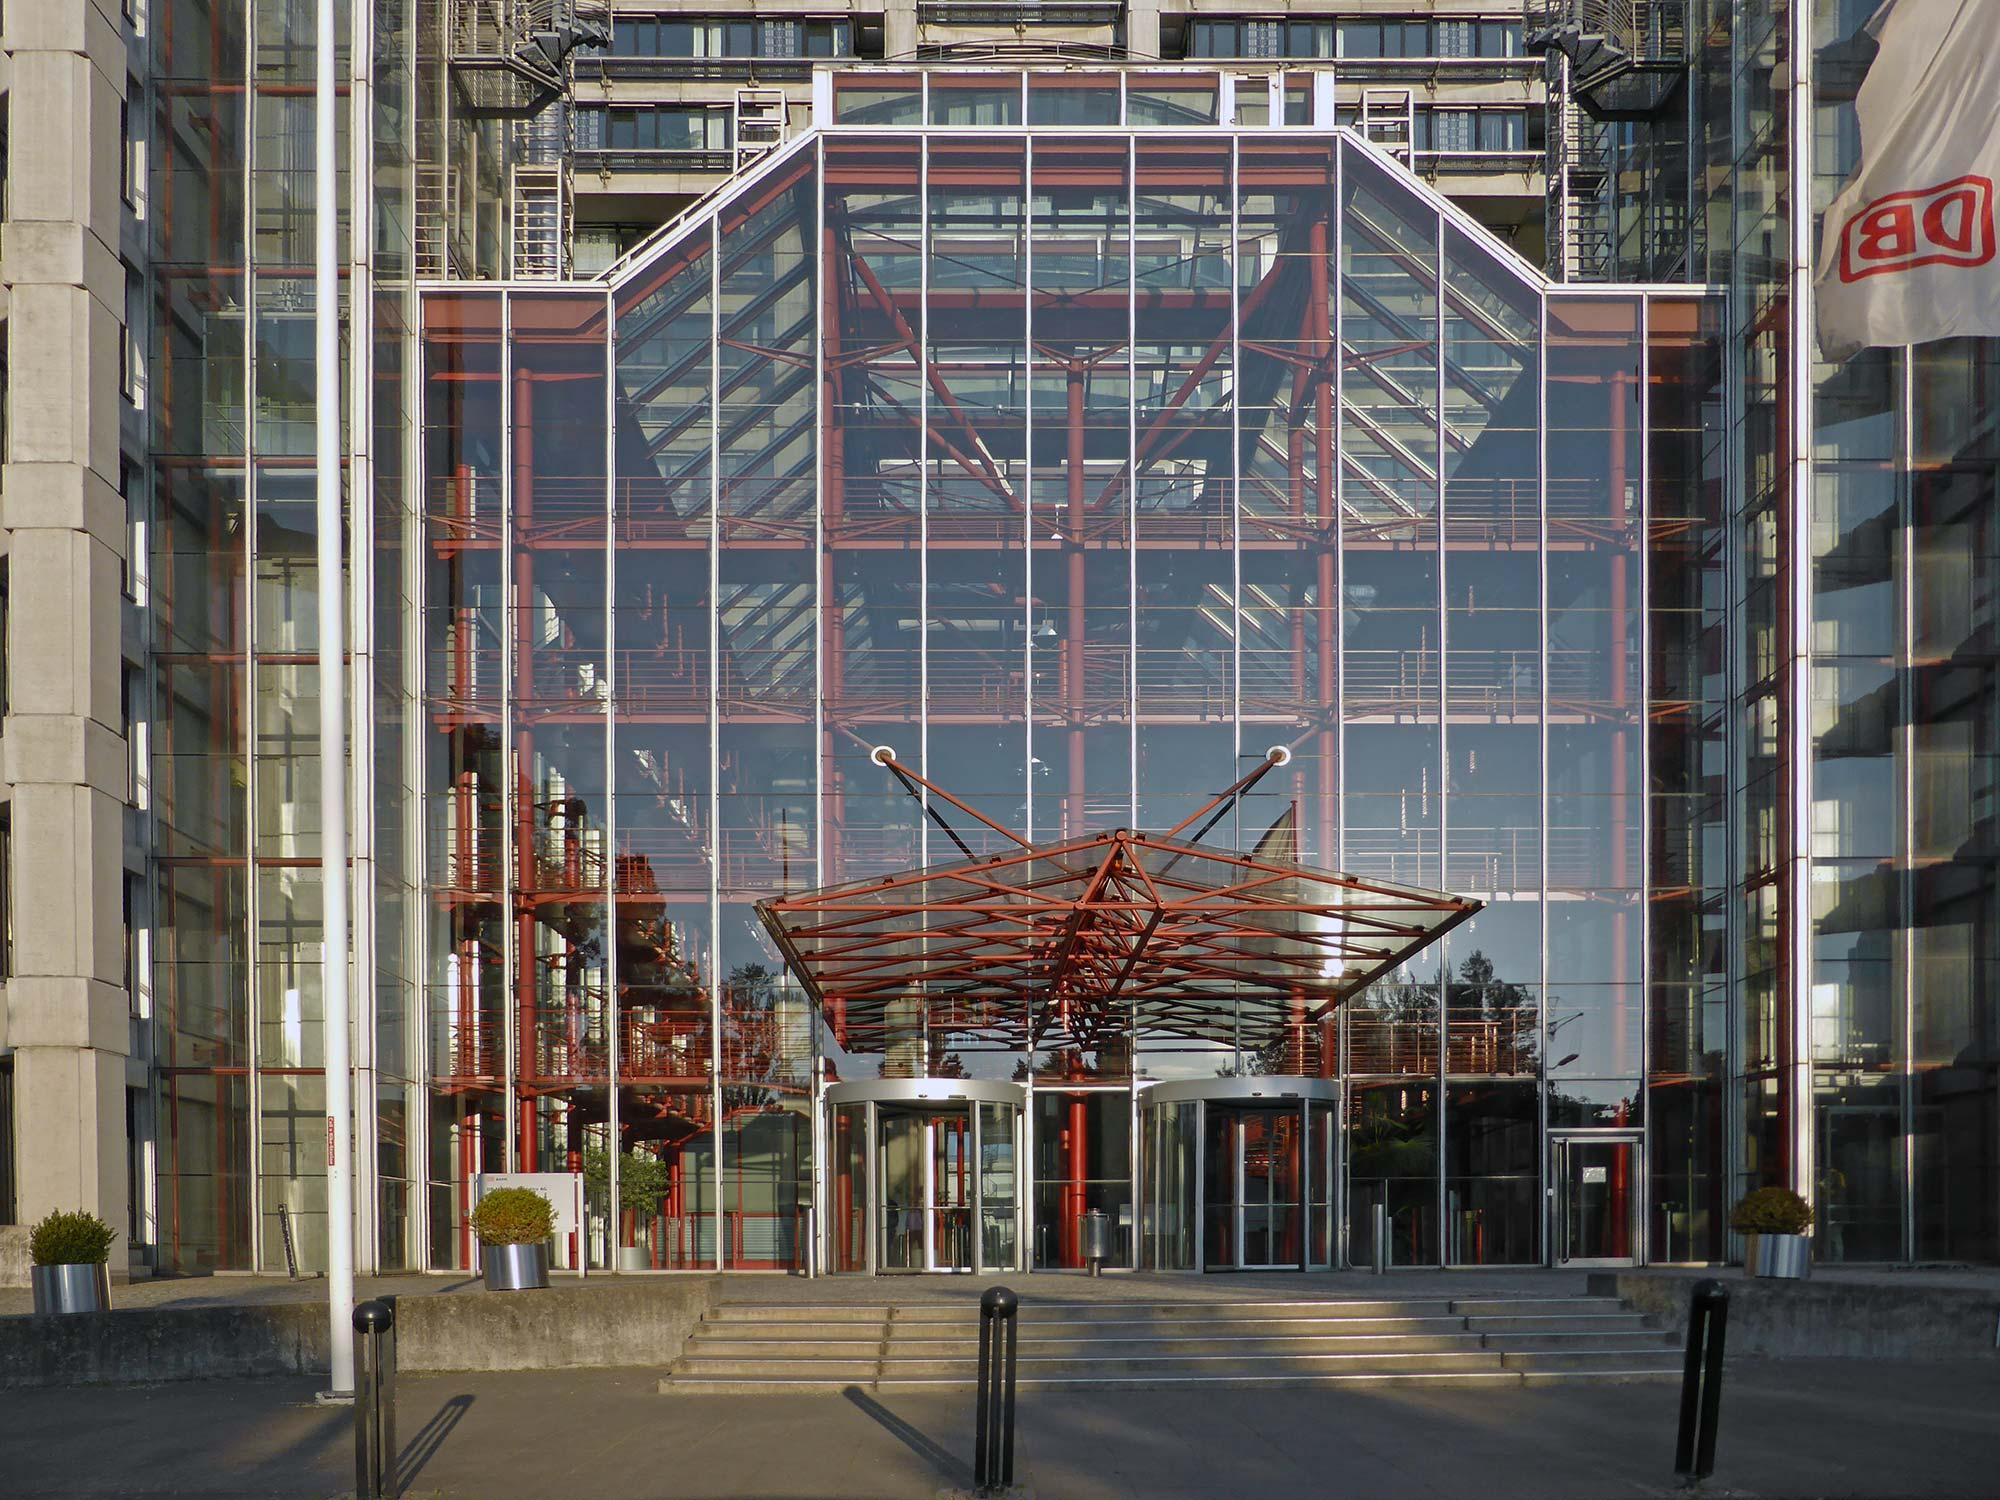 Atrium Frankfurt - Deutsche Bahn Pyramide FFM - Glas Eingang - DB Hauptverwaltung Frankfurt